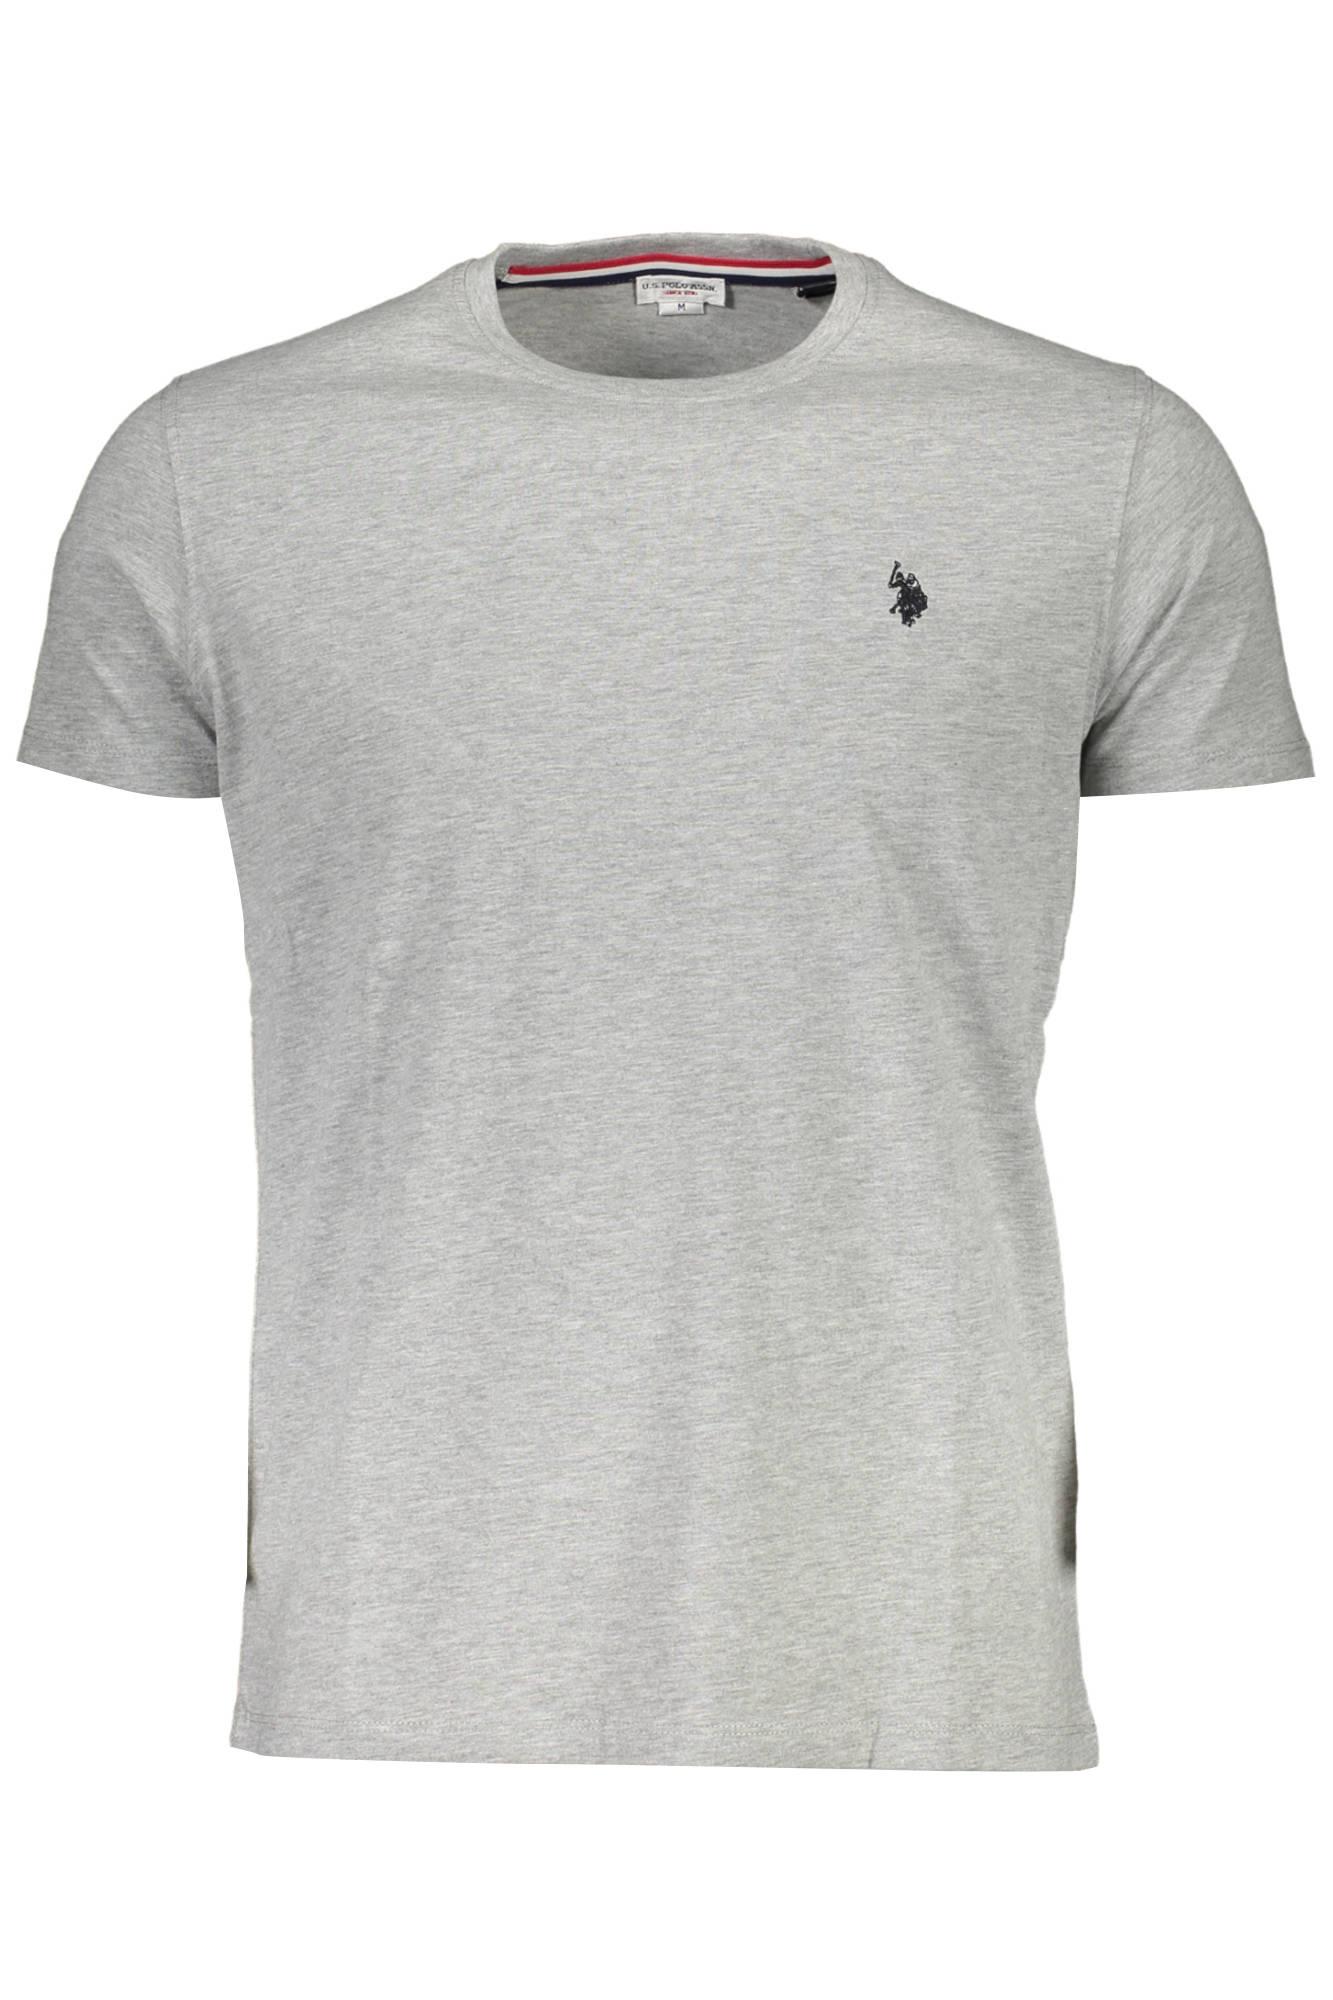 Tričko U.S. POLO tričko s krátkým rukávem GRIGIO